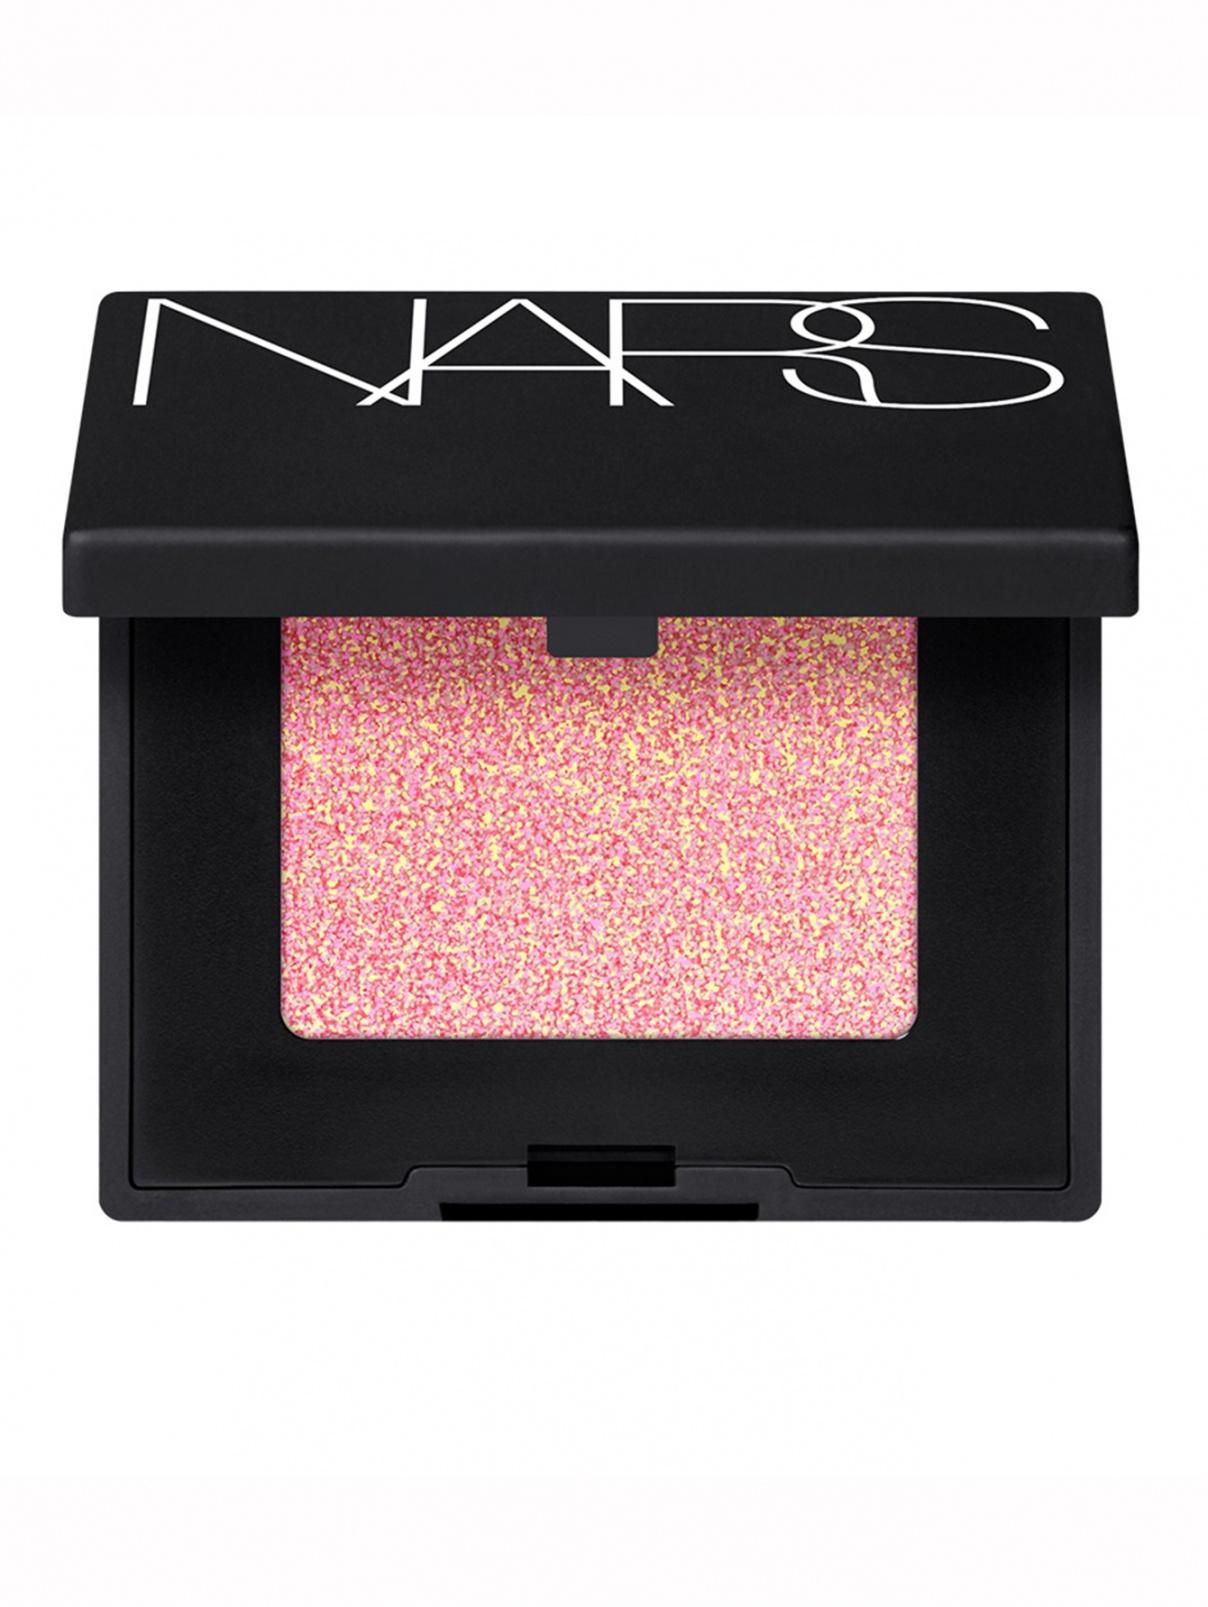 Монотени для век Melrose Makeup NARS  –  Общий вид